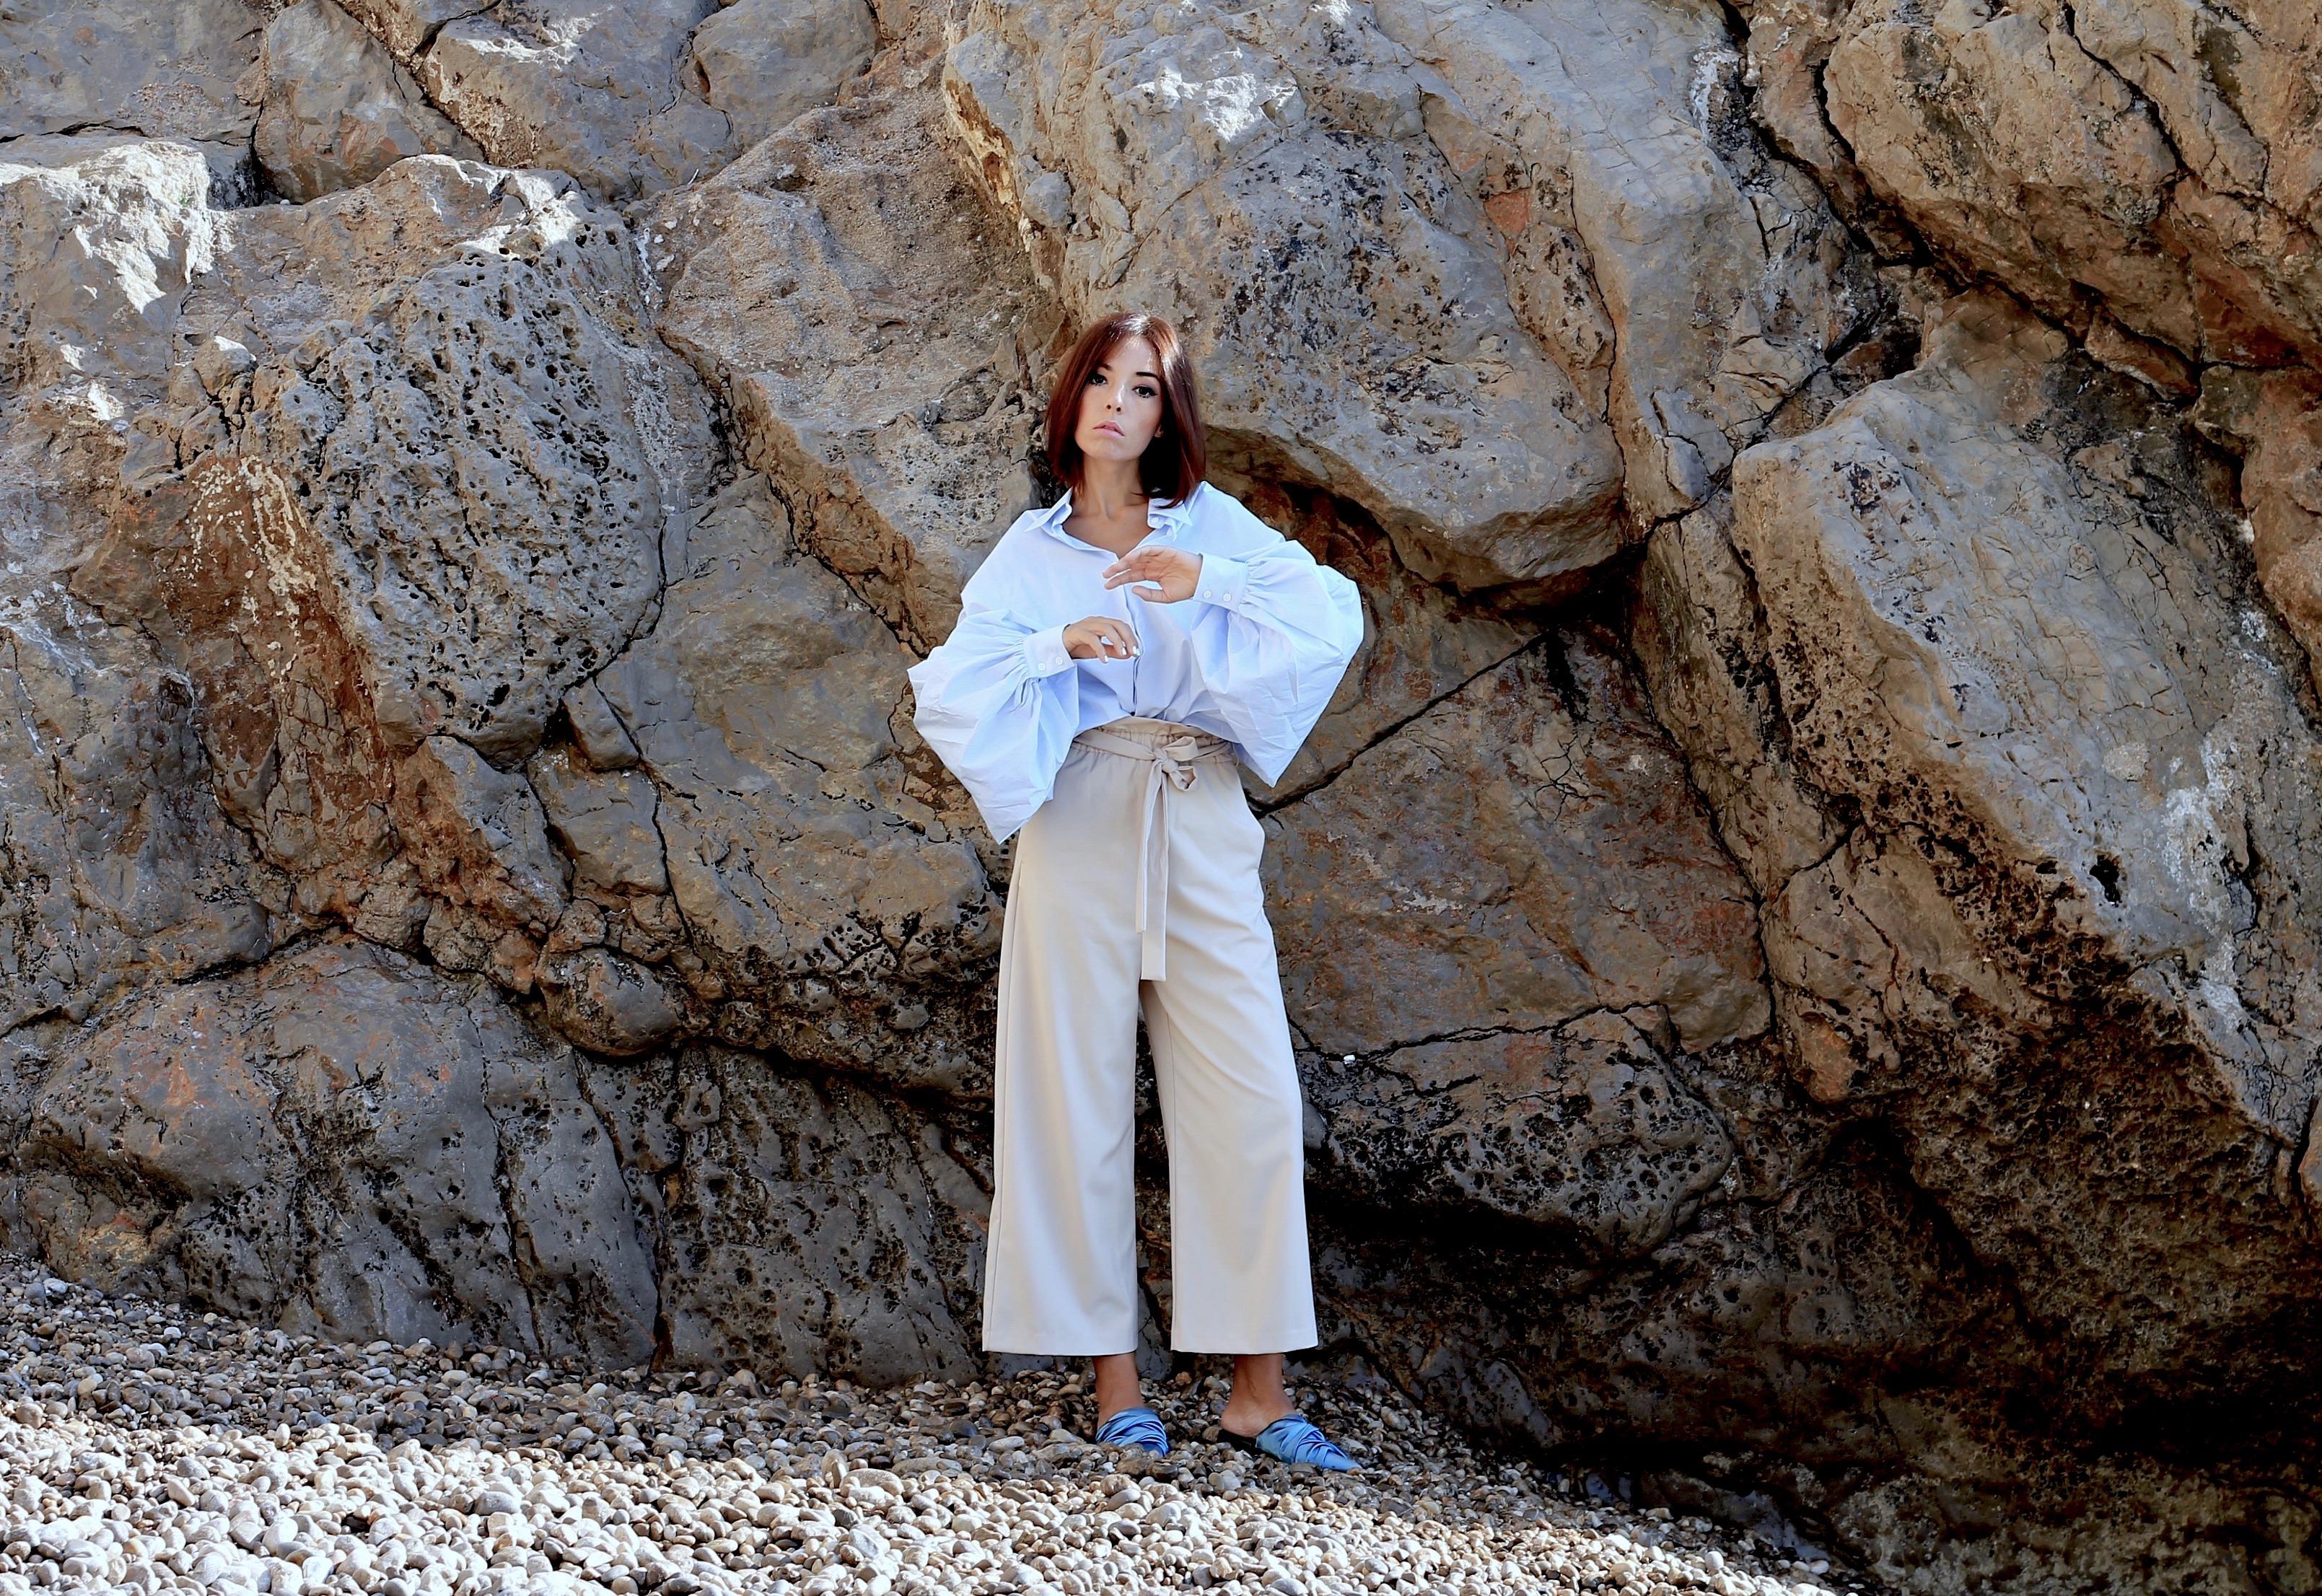 Cosa vogliono le donne di oggi, femminismo oggi, theladycracy.it, elisa bellino, outfti casual chic autunno 2017, outfit blogger milano 2017, fashion blogger milano 2017, fashion blogger famose 2017, blogger moda outfit 2017, blogger moda più seguite 2017, fashion blogger famose 2017, minimal blog, mininimal style blogger 2017, frankie shop outfit, pantaloni zara autunno 2017, camicia maniche larghe 2017, the frankie shop shirt, scarpe zara autunno inverno 2017